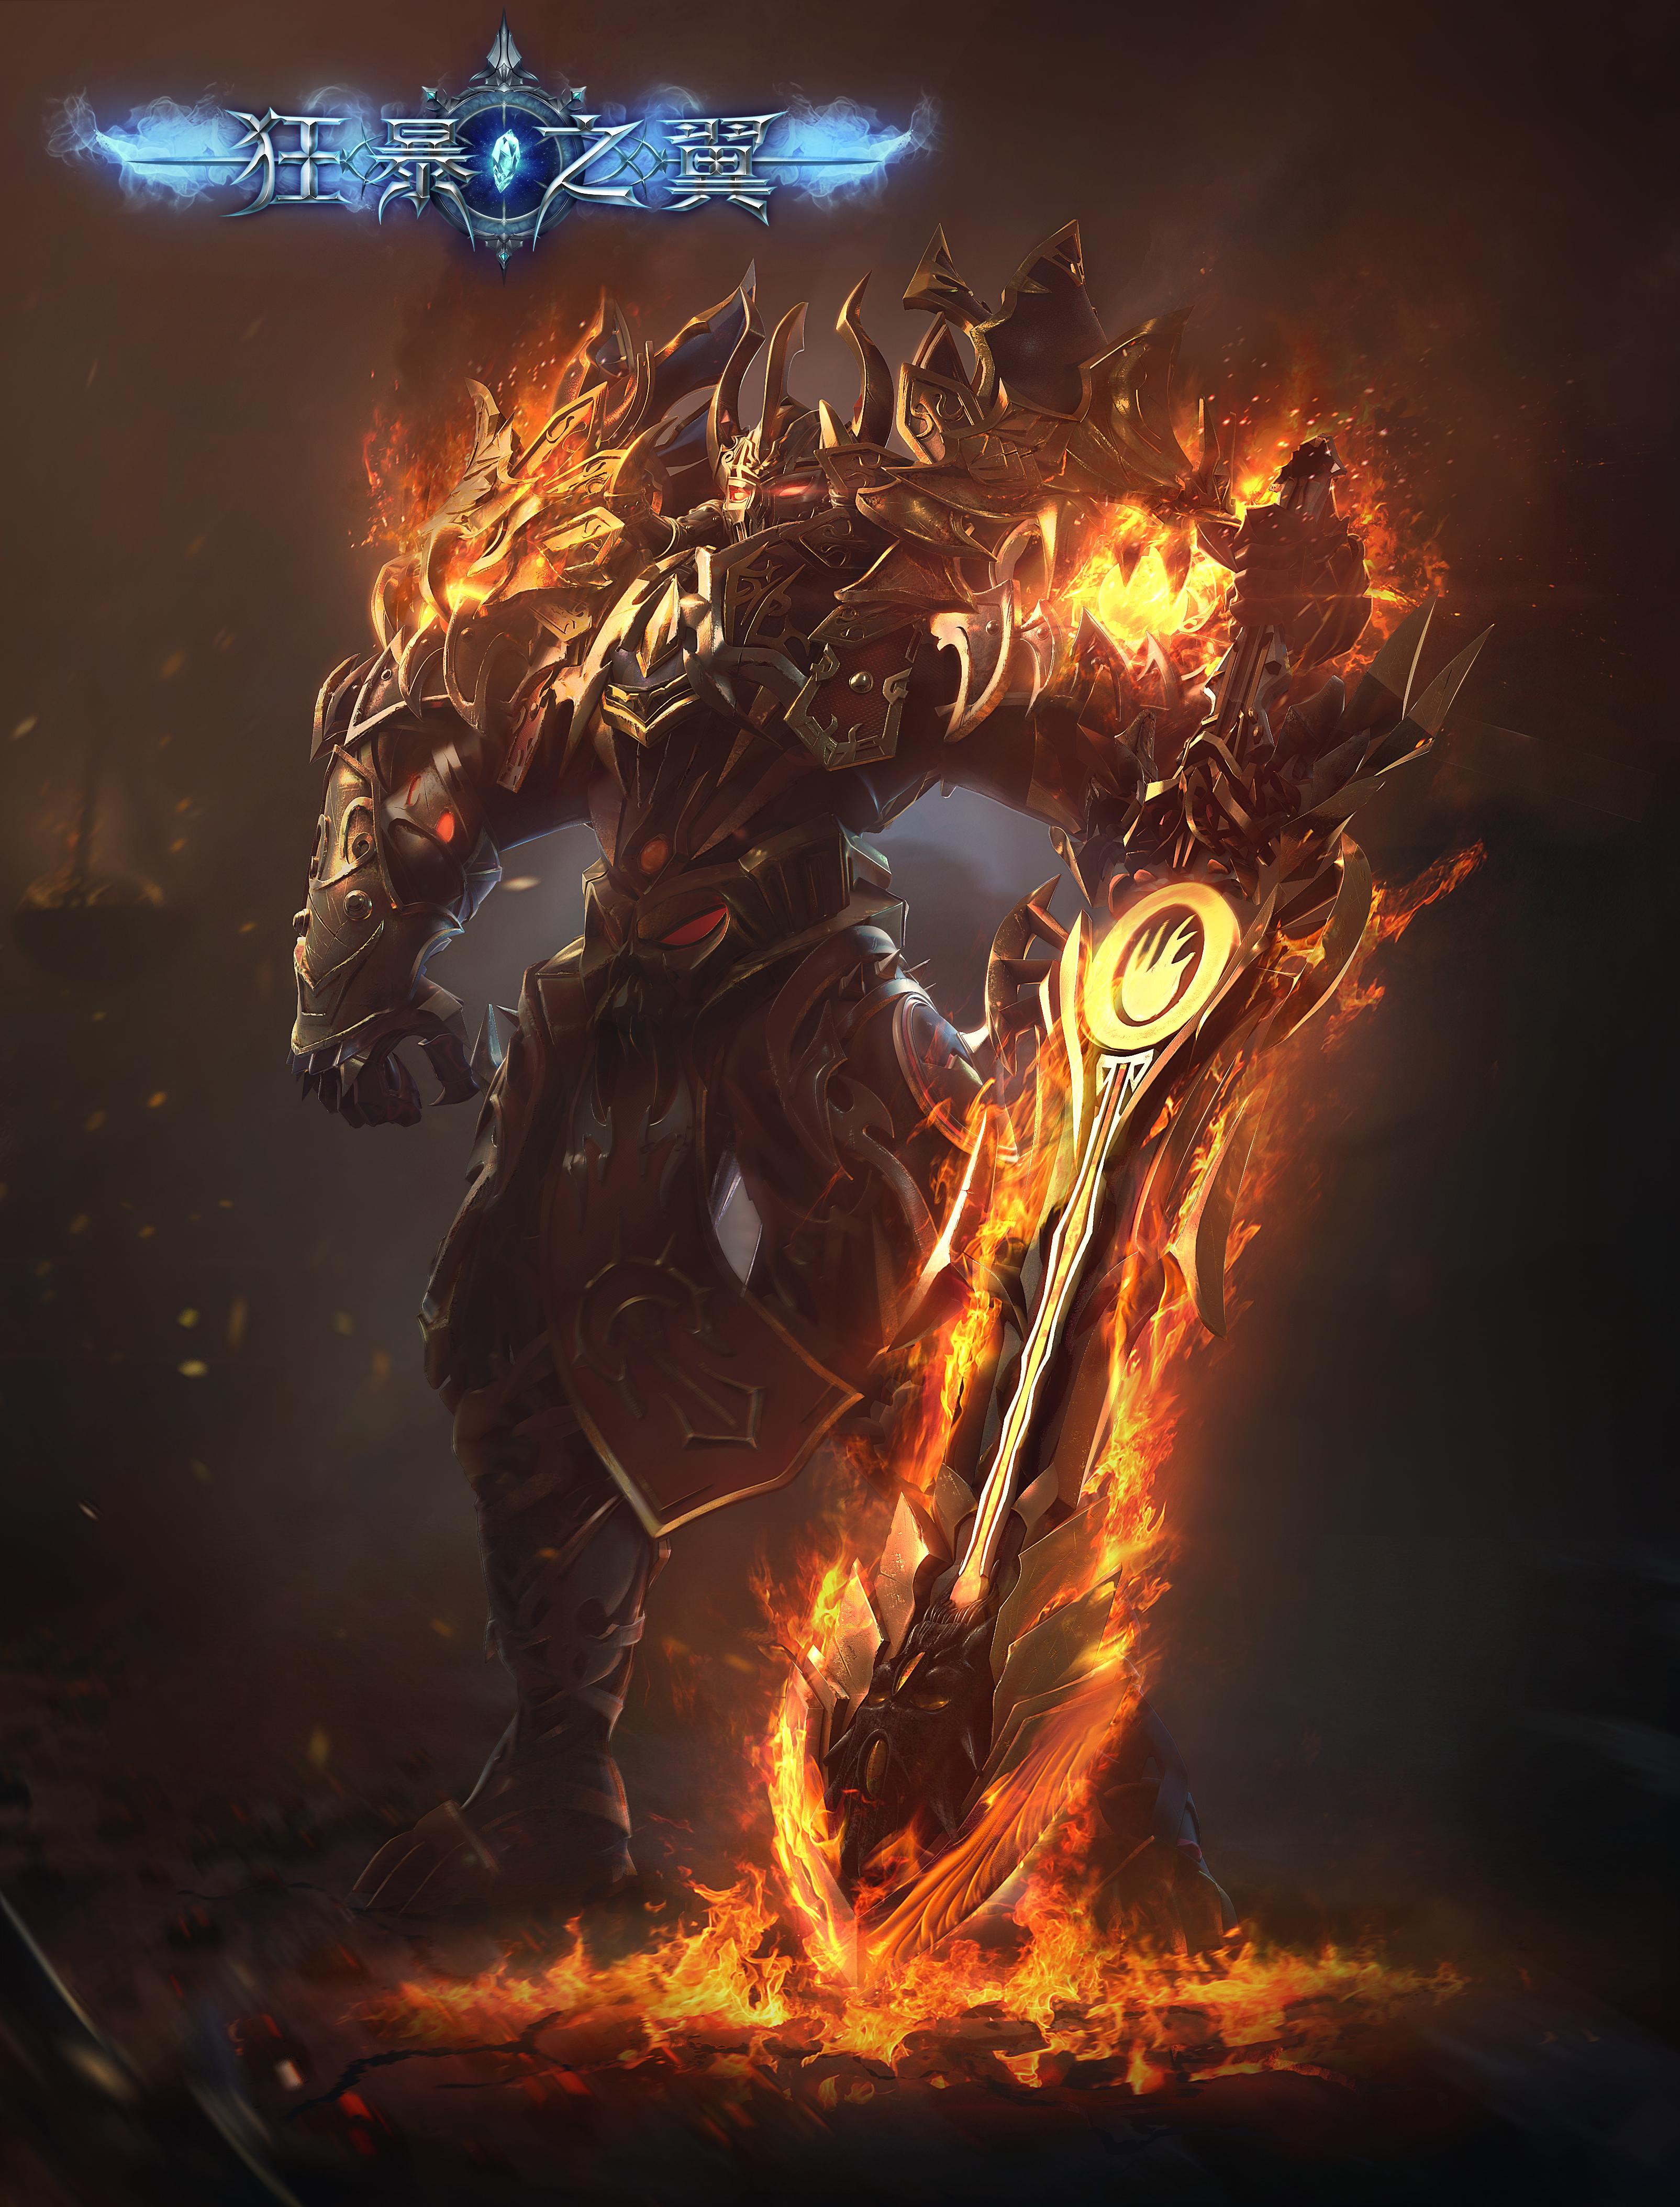 (圖十) 火元素駕馭者《狂戰士》